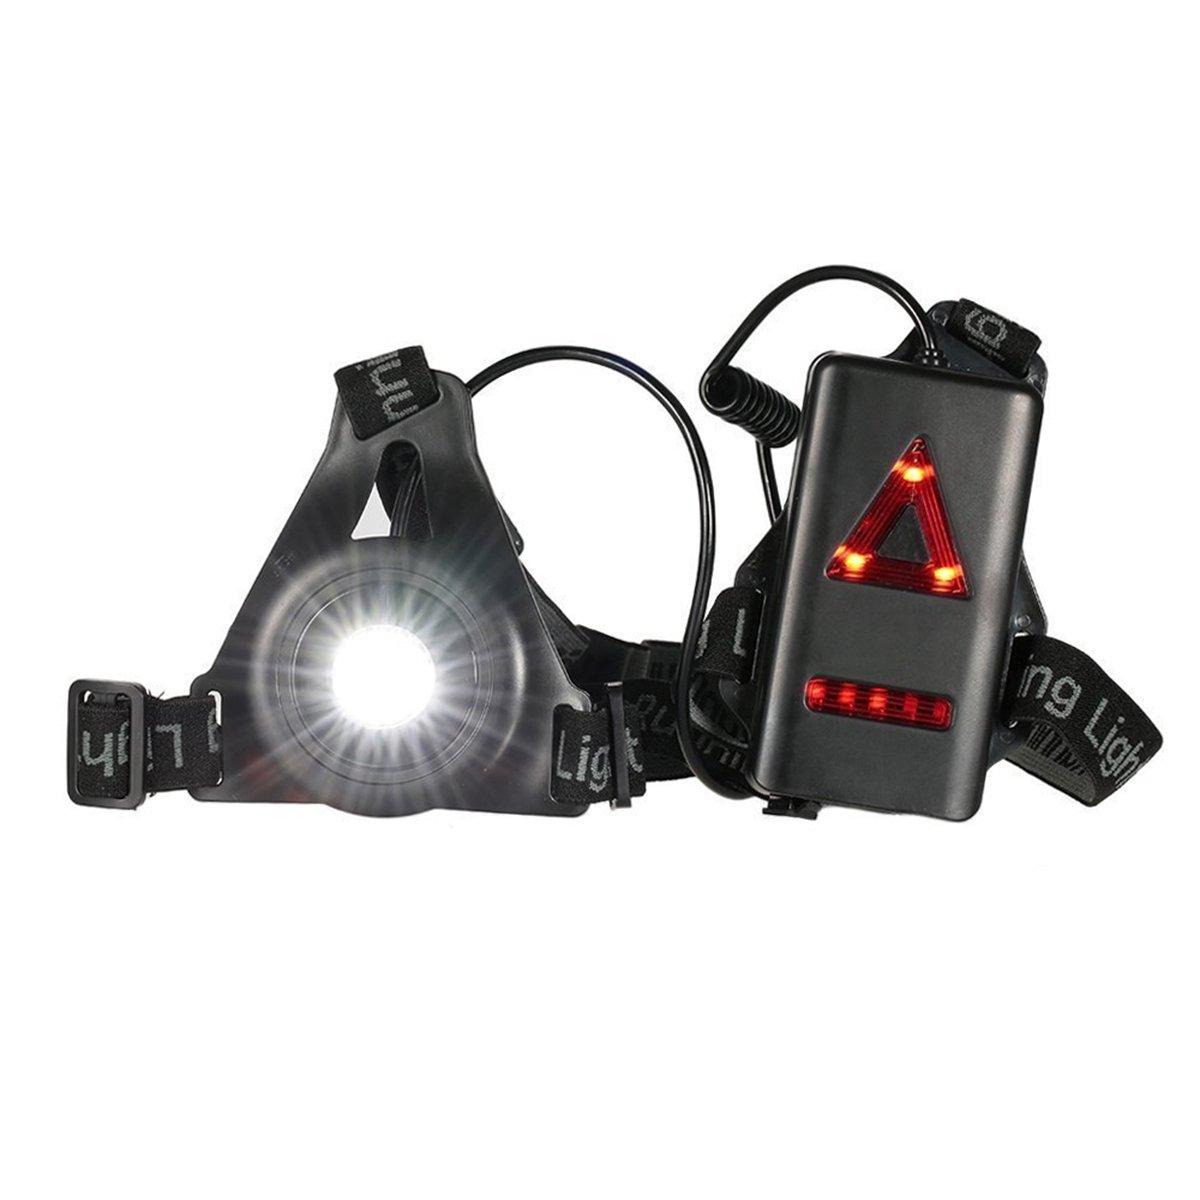 Kodoo Running noche luces LED, USB Batería integrada recargable de 3modos de iluminación en el pecho a la luz 250lm -1260Ma–Iluminar hasta 20m para corredores, de deporte, deportes al aire libre, senderismo, pesca, camping,